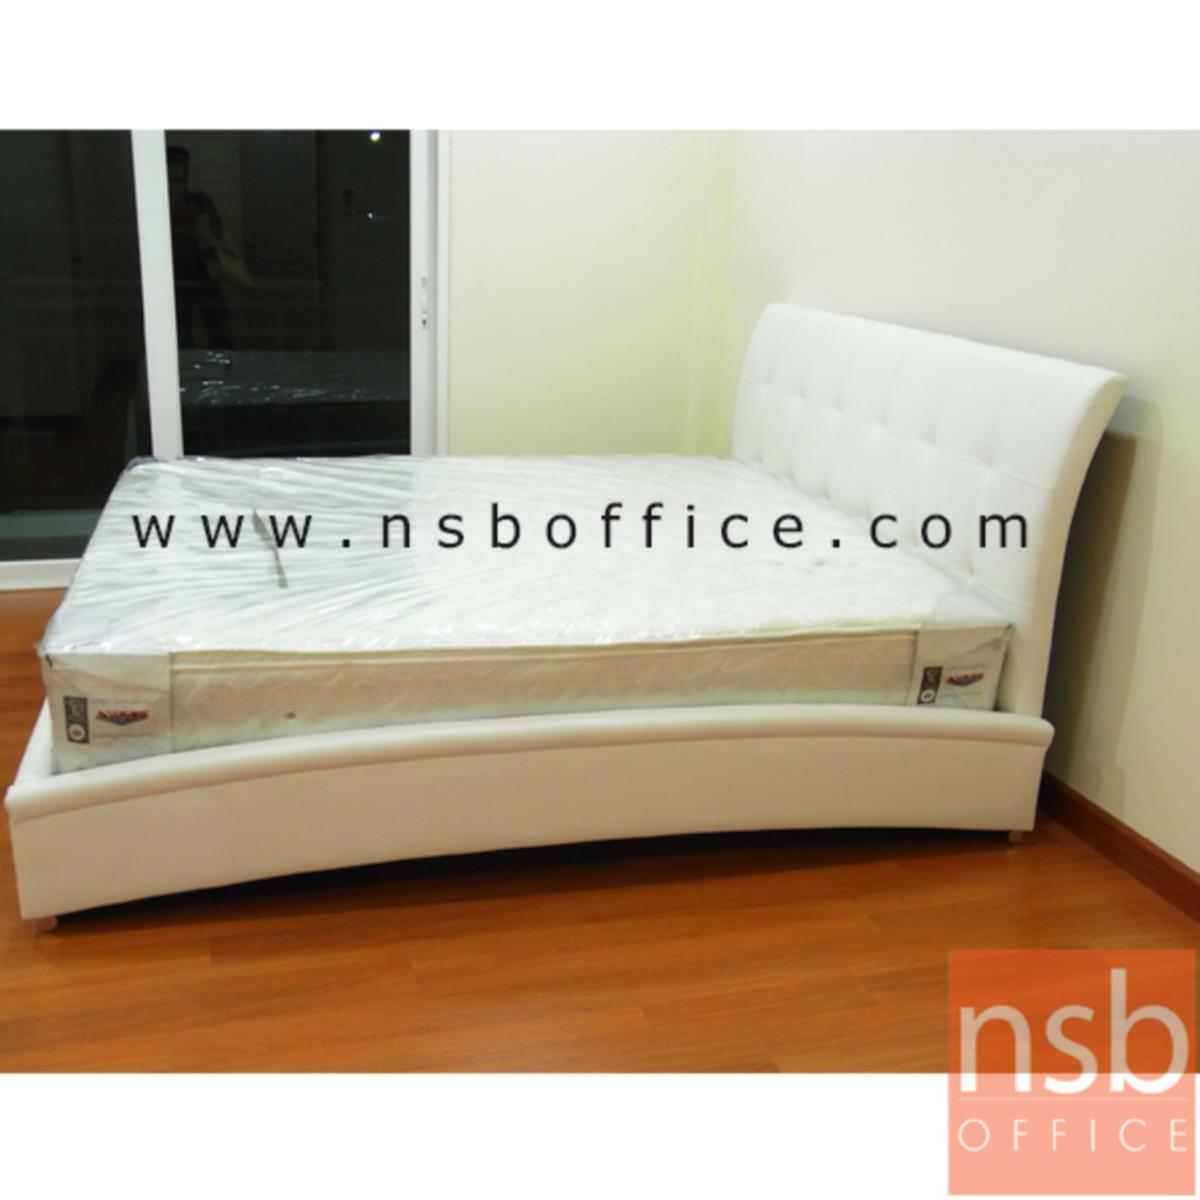 G11A101:เตียงนอนหัวเตียงหุ้มเบาะPU 6 ฟุต รุ่น มาแชล(สต็อก 3 ตัว)